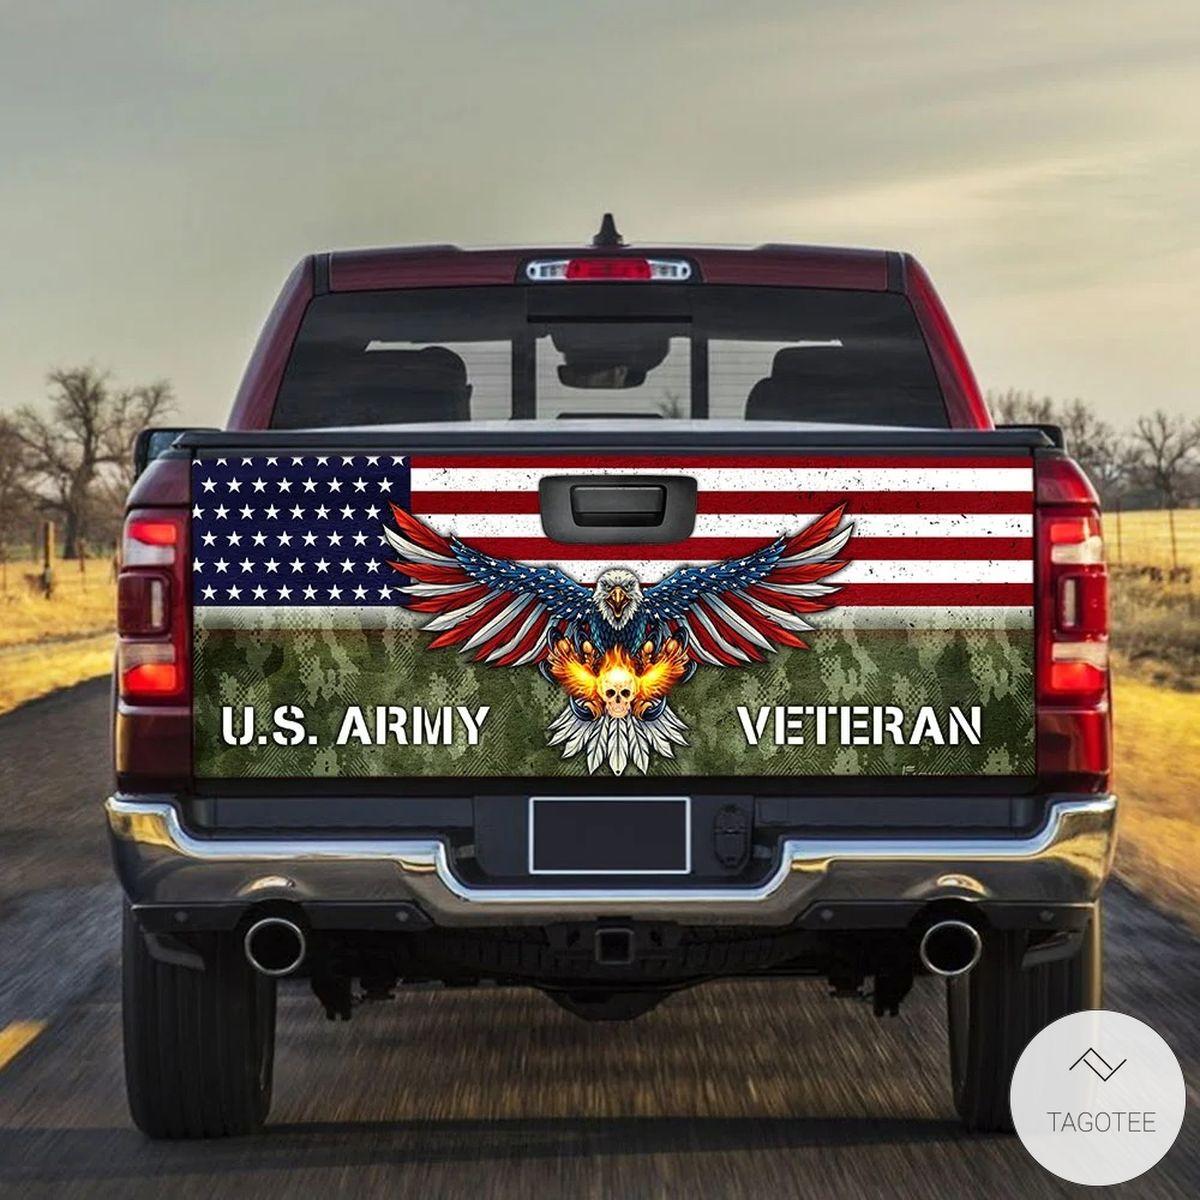 U.S. Army Veteran Tailgate Wrap